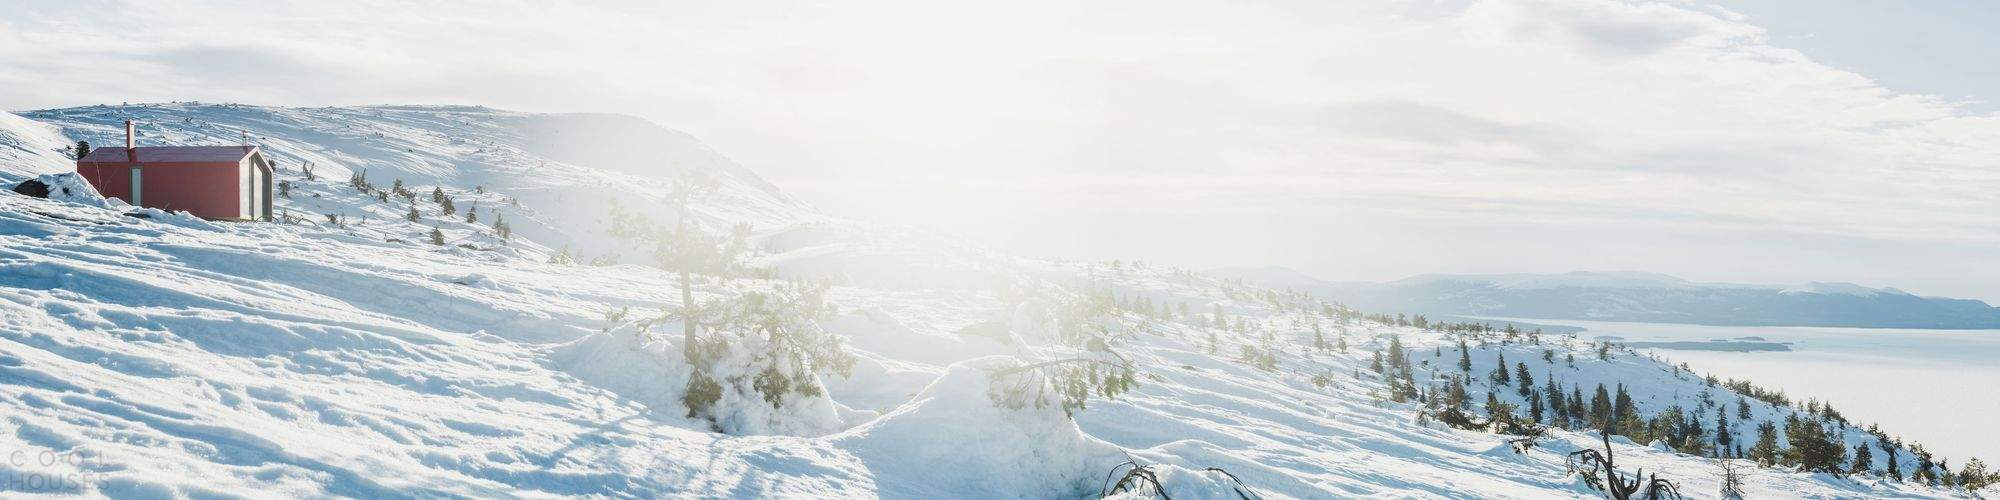 Туристический приют с видом на Белое море, Россия